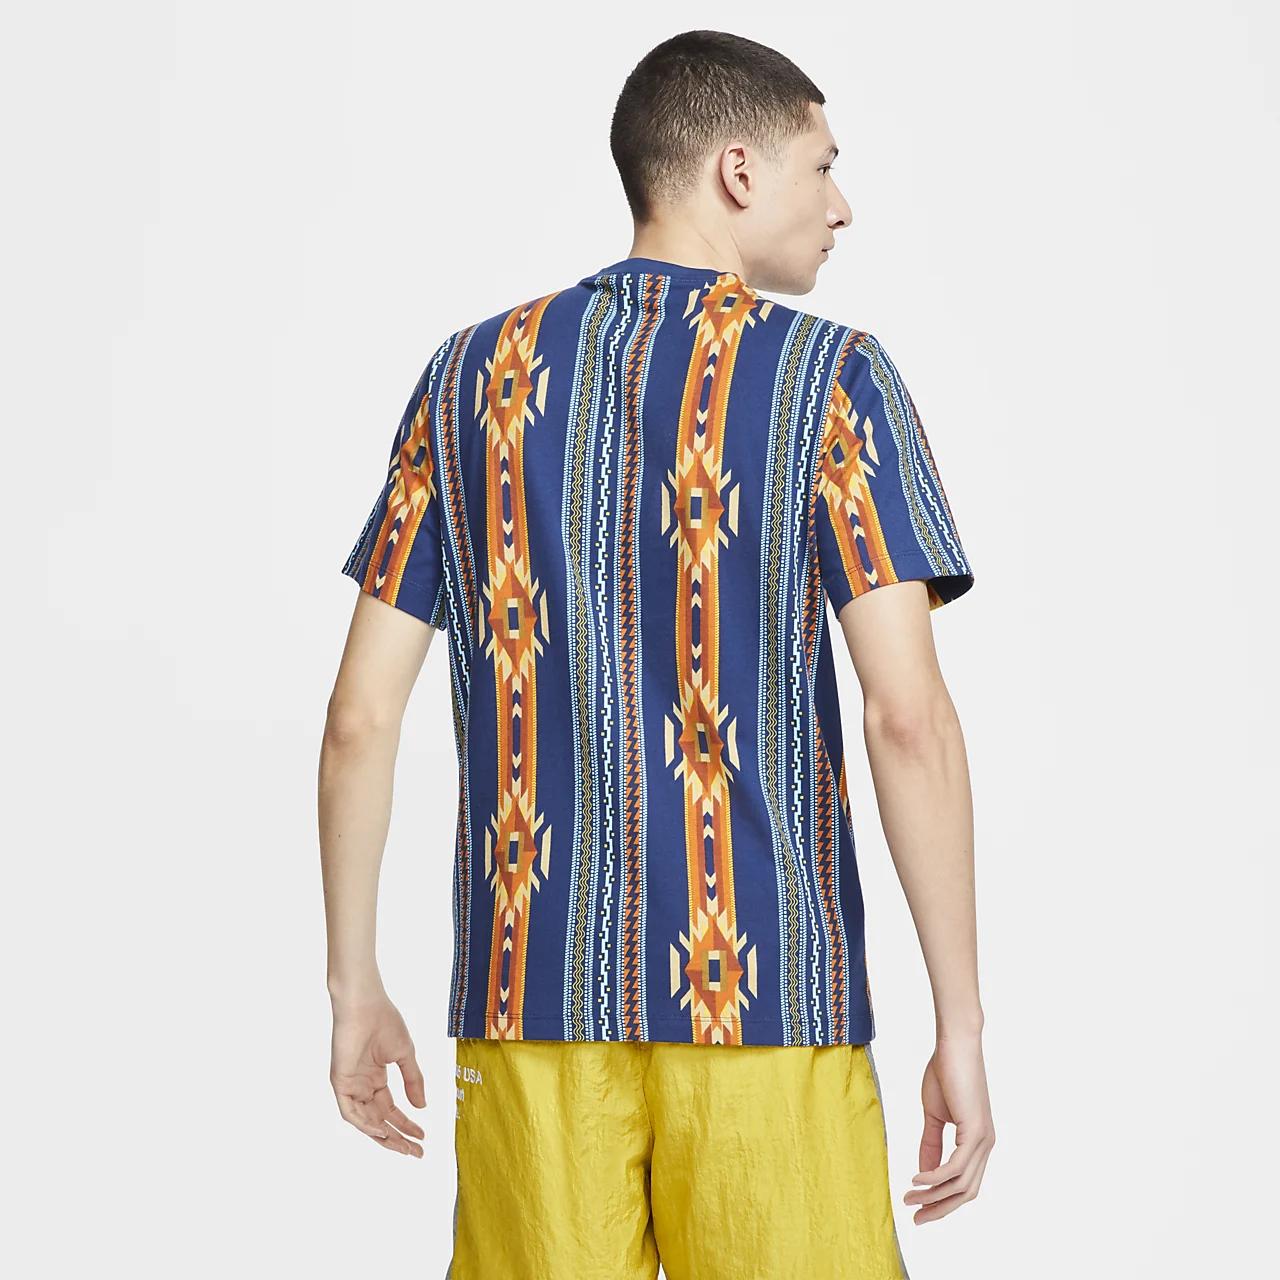 나이키 스포츠웨어 남성 티셔츠 CZ8927-492